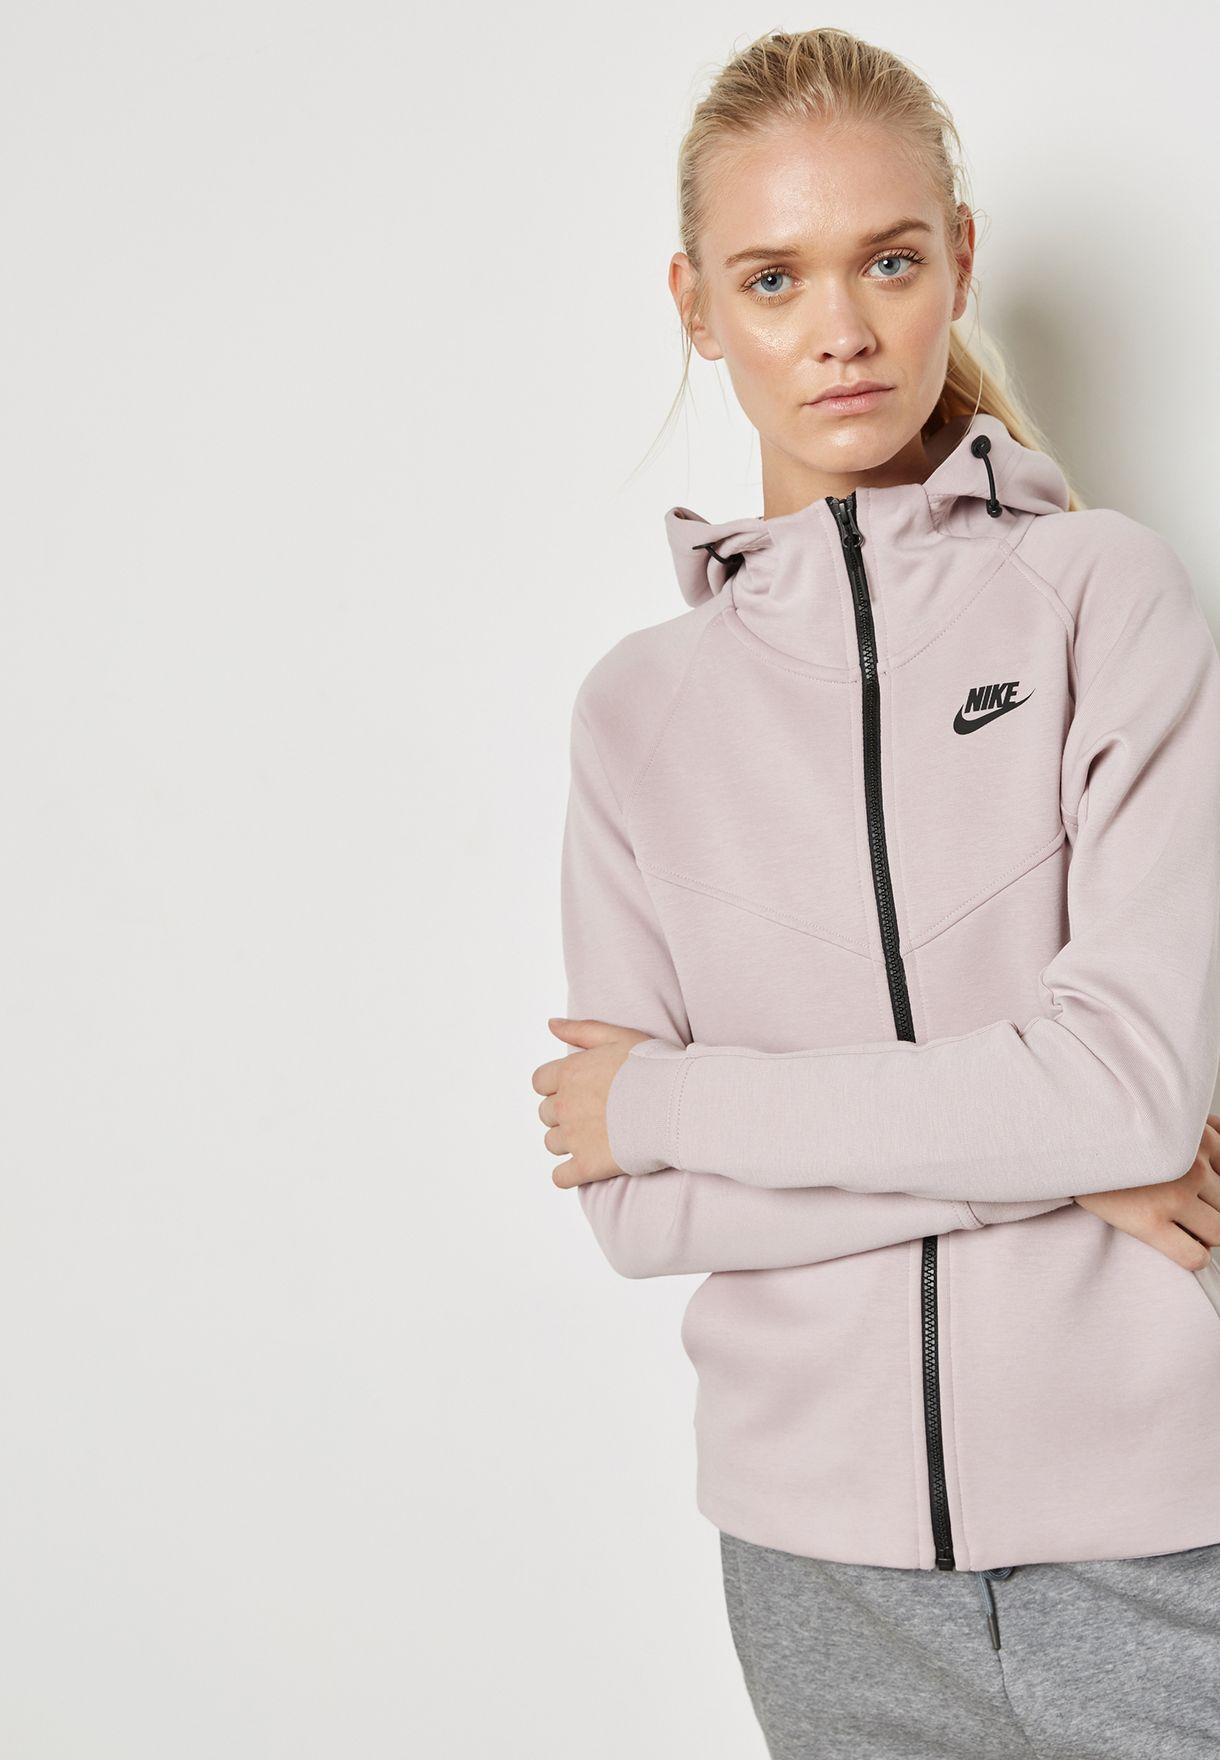 7e04f815f072 Shop Nike pink Tech Fleece Hoodie 842845-684 for Women in Saudi ...